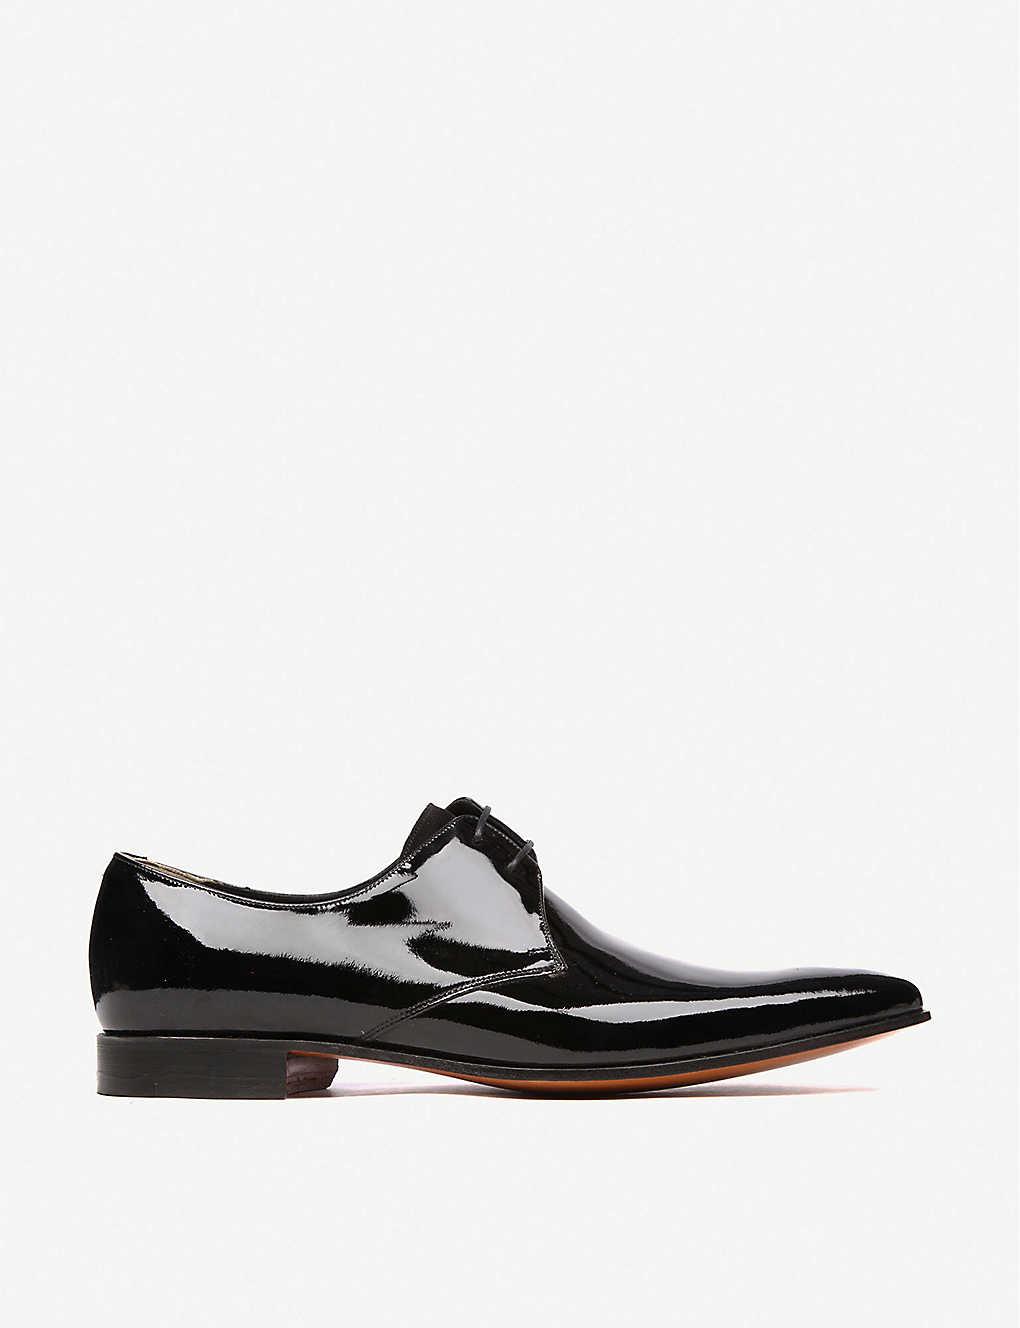 2a2cc426 BARKER - Goldington patent Derby shoes | Selfridges.com